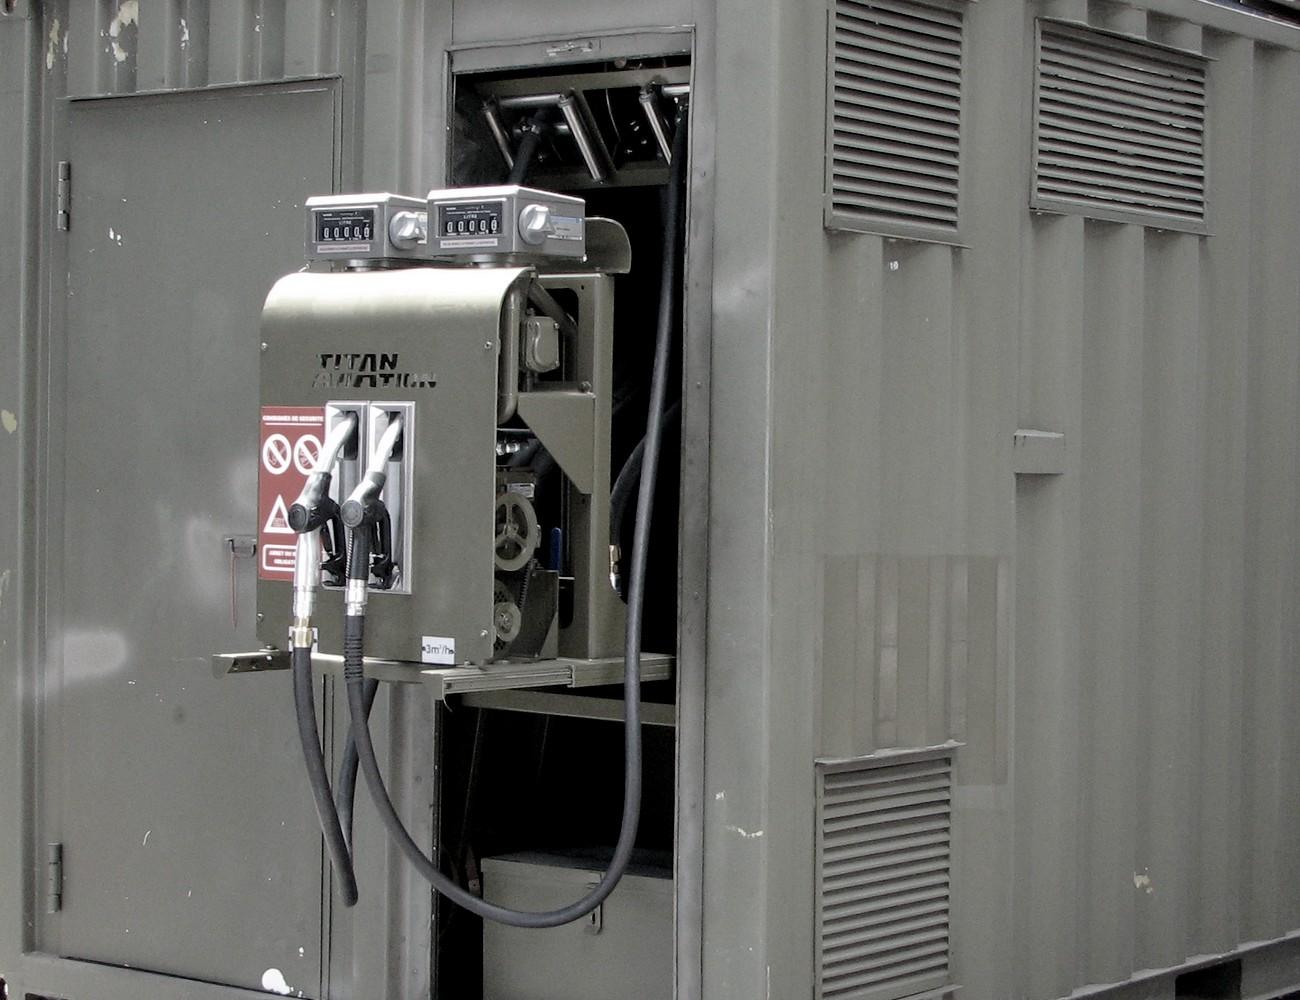 titan-aviation-mobile-refueling-station-bg